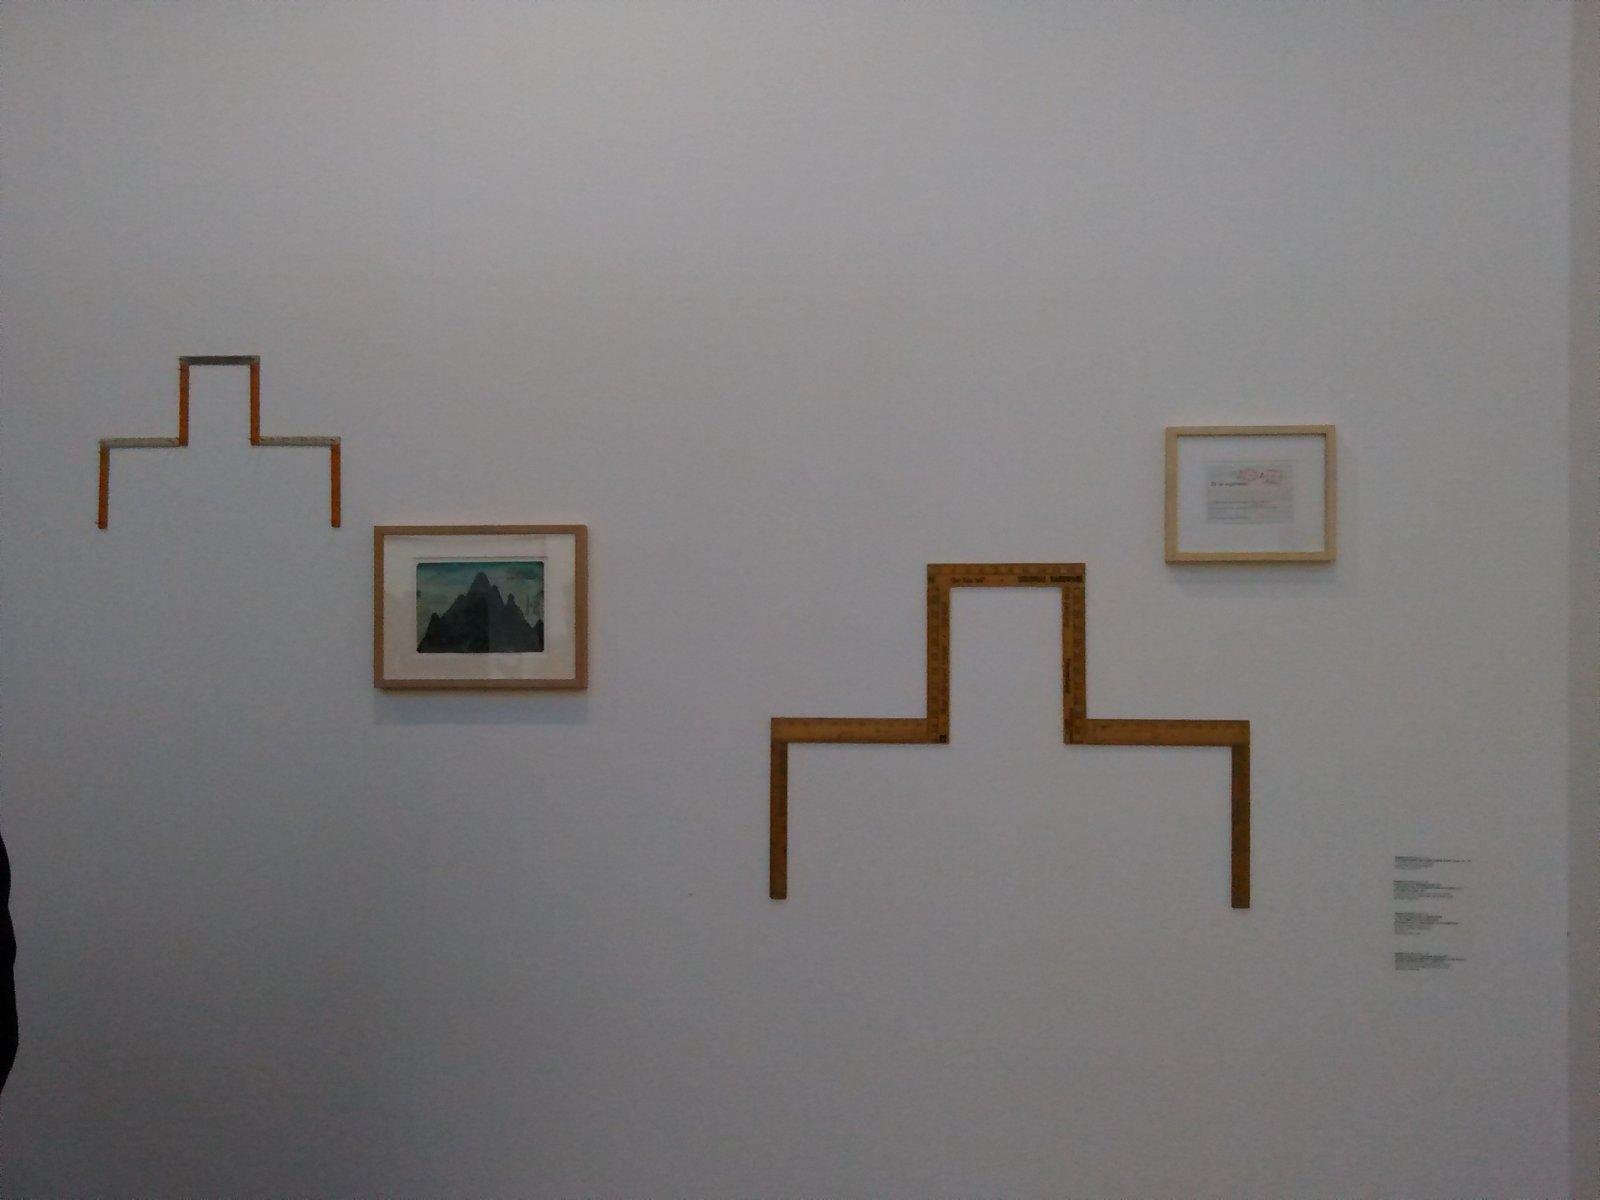 Obra de Hamish Fulton. Galería Espaivisor.